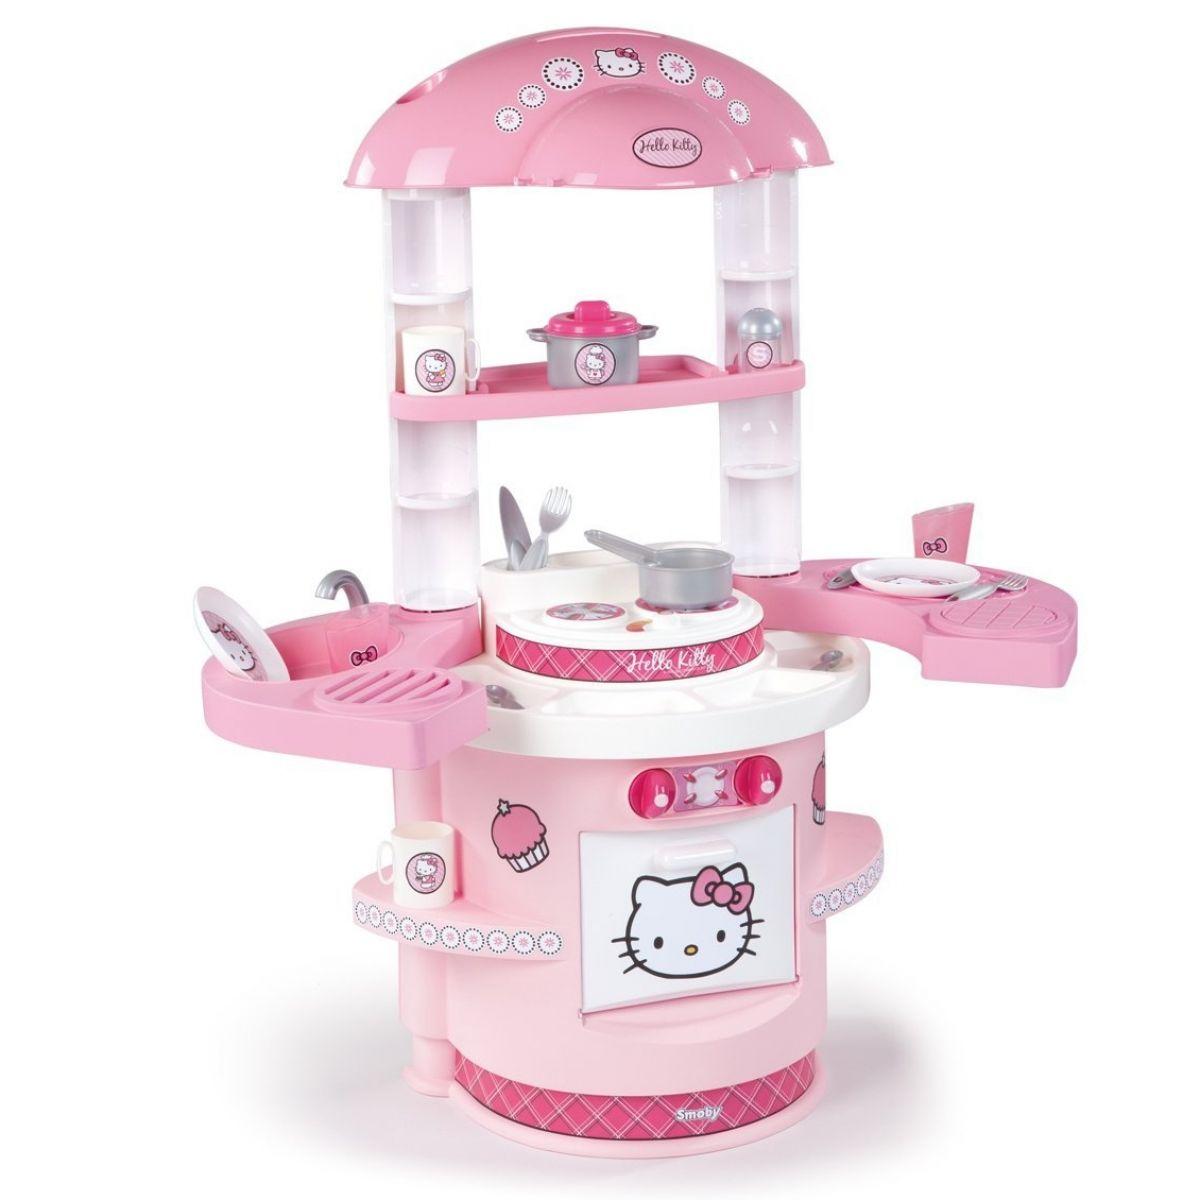 Smoby 024078 - Hello Kitty Moje první kuchyňka